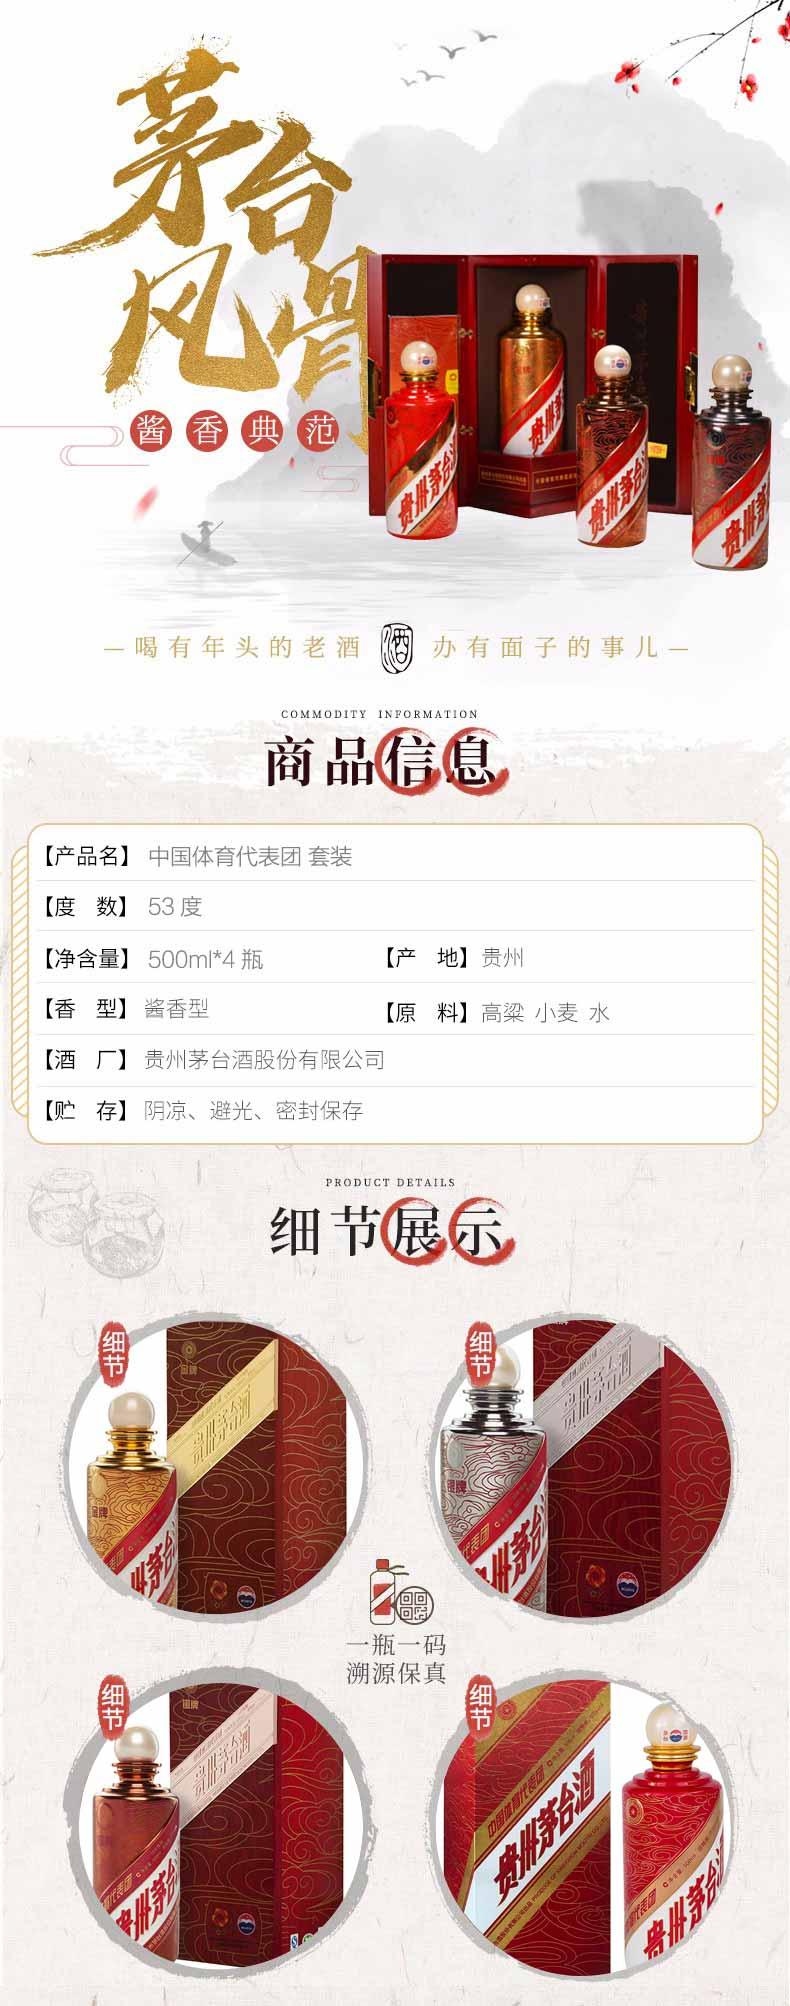 53°贵州茅台酒中国体育代表团 套装 500ml *4(2012年)